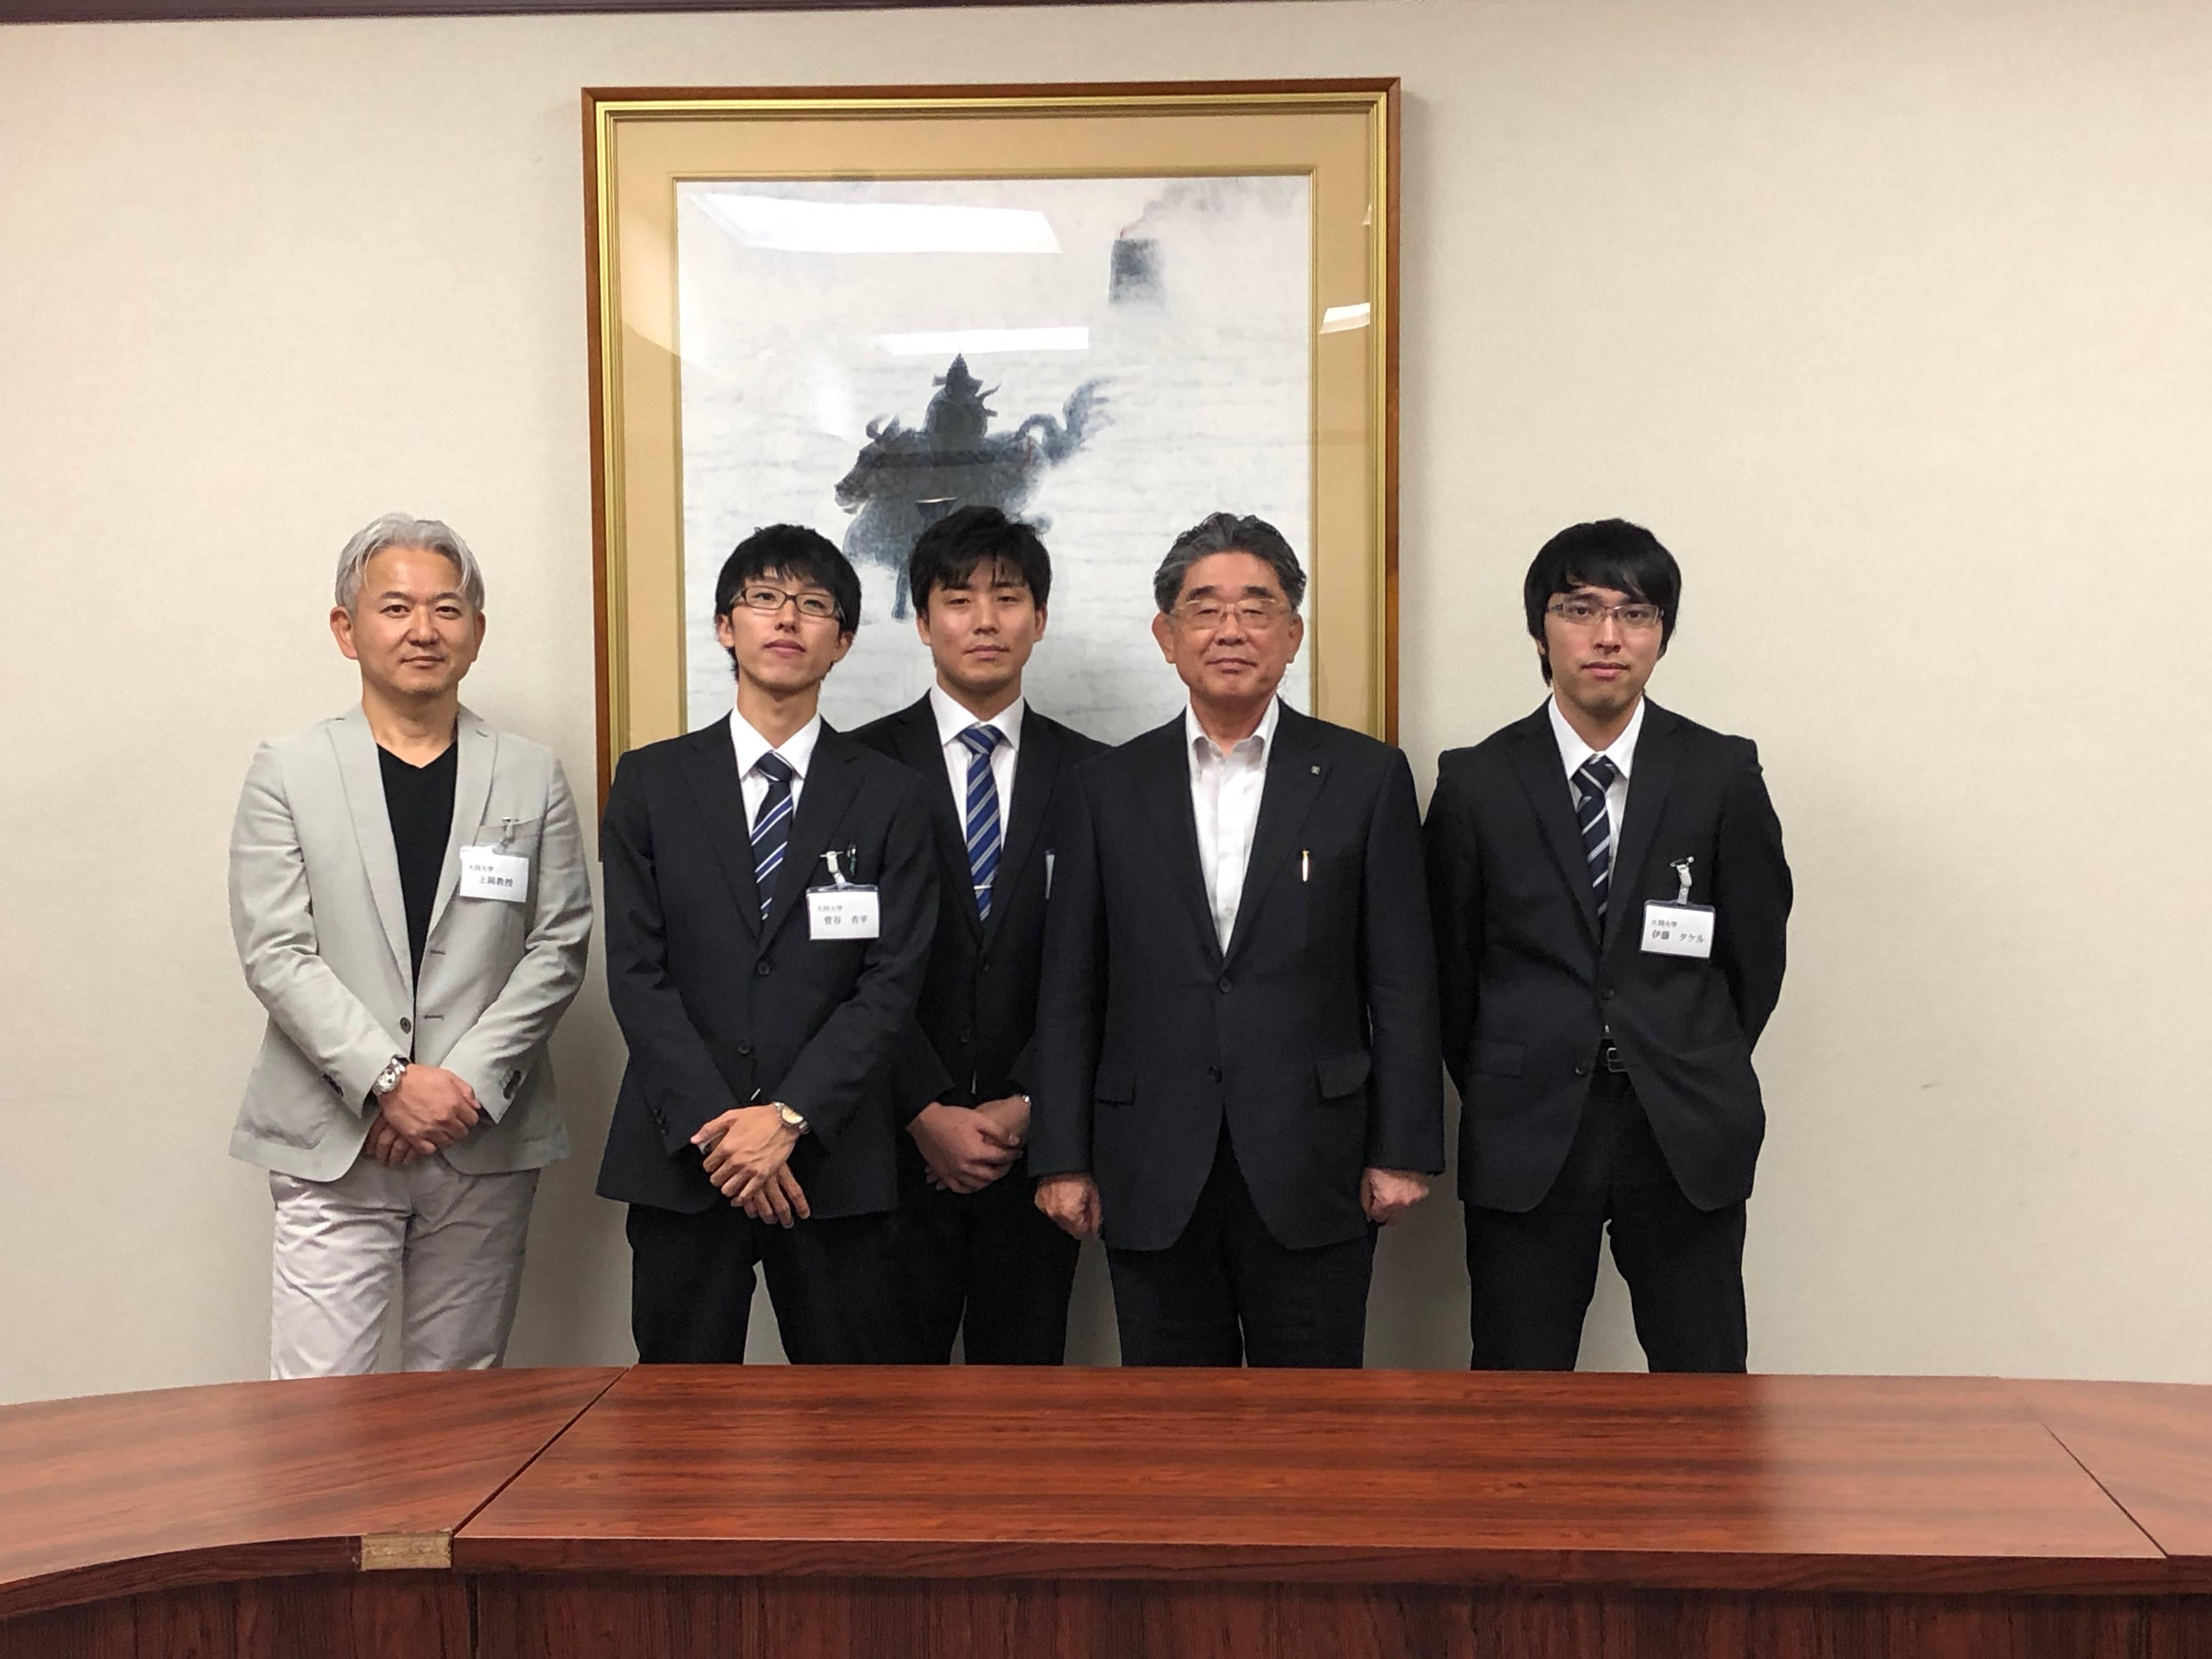 森岡仙太副知事を囲んで(右から、伊藤さん、森岡副知事、田中さん、菅谷さん、上岡教授)